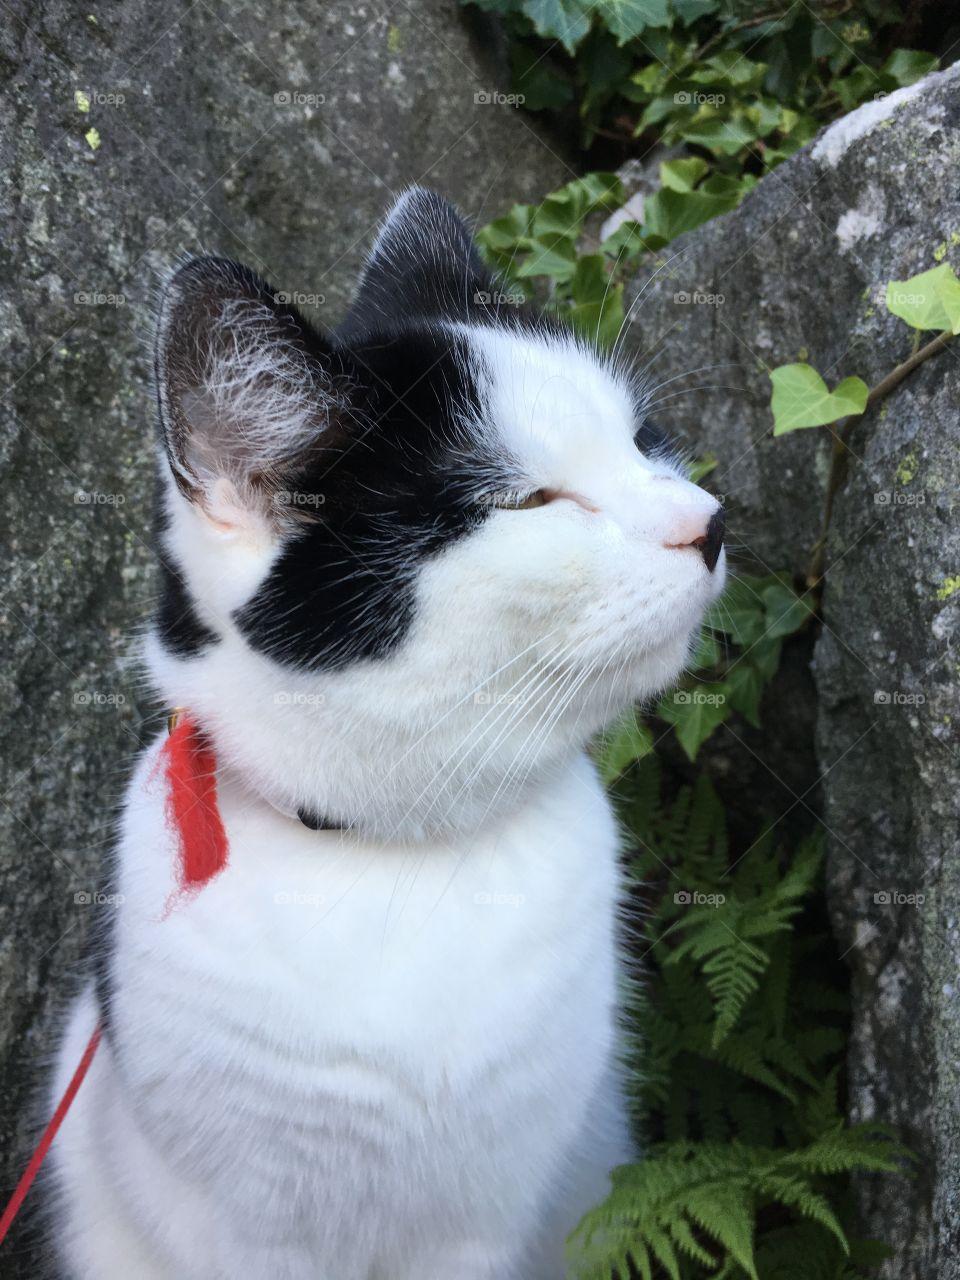 The cat Ester